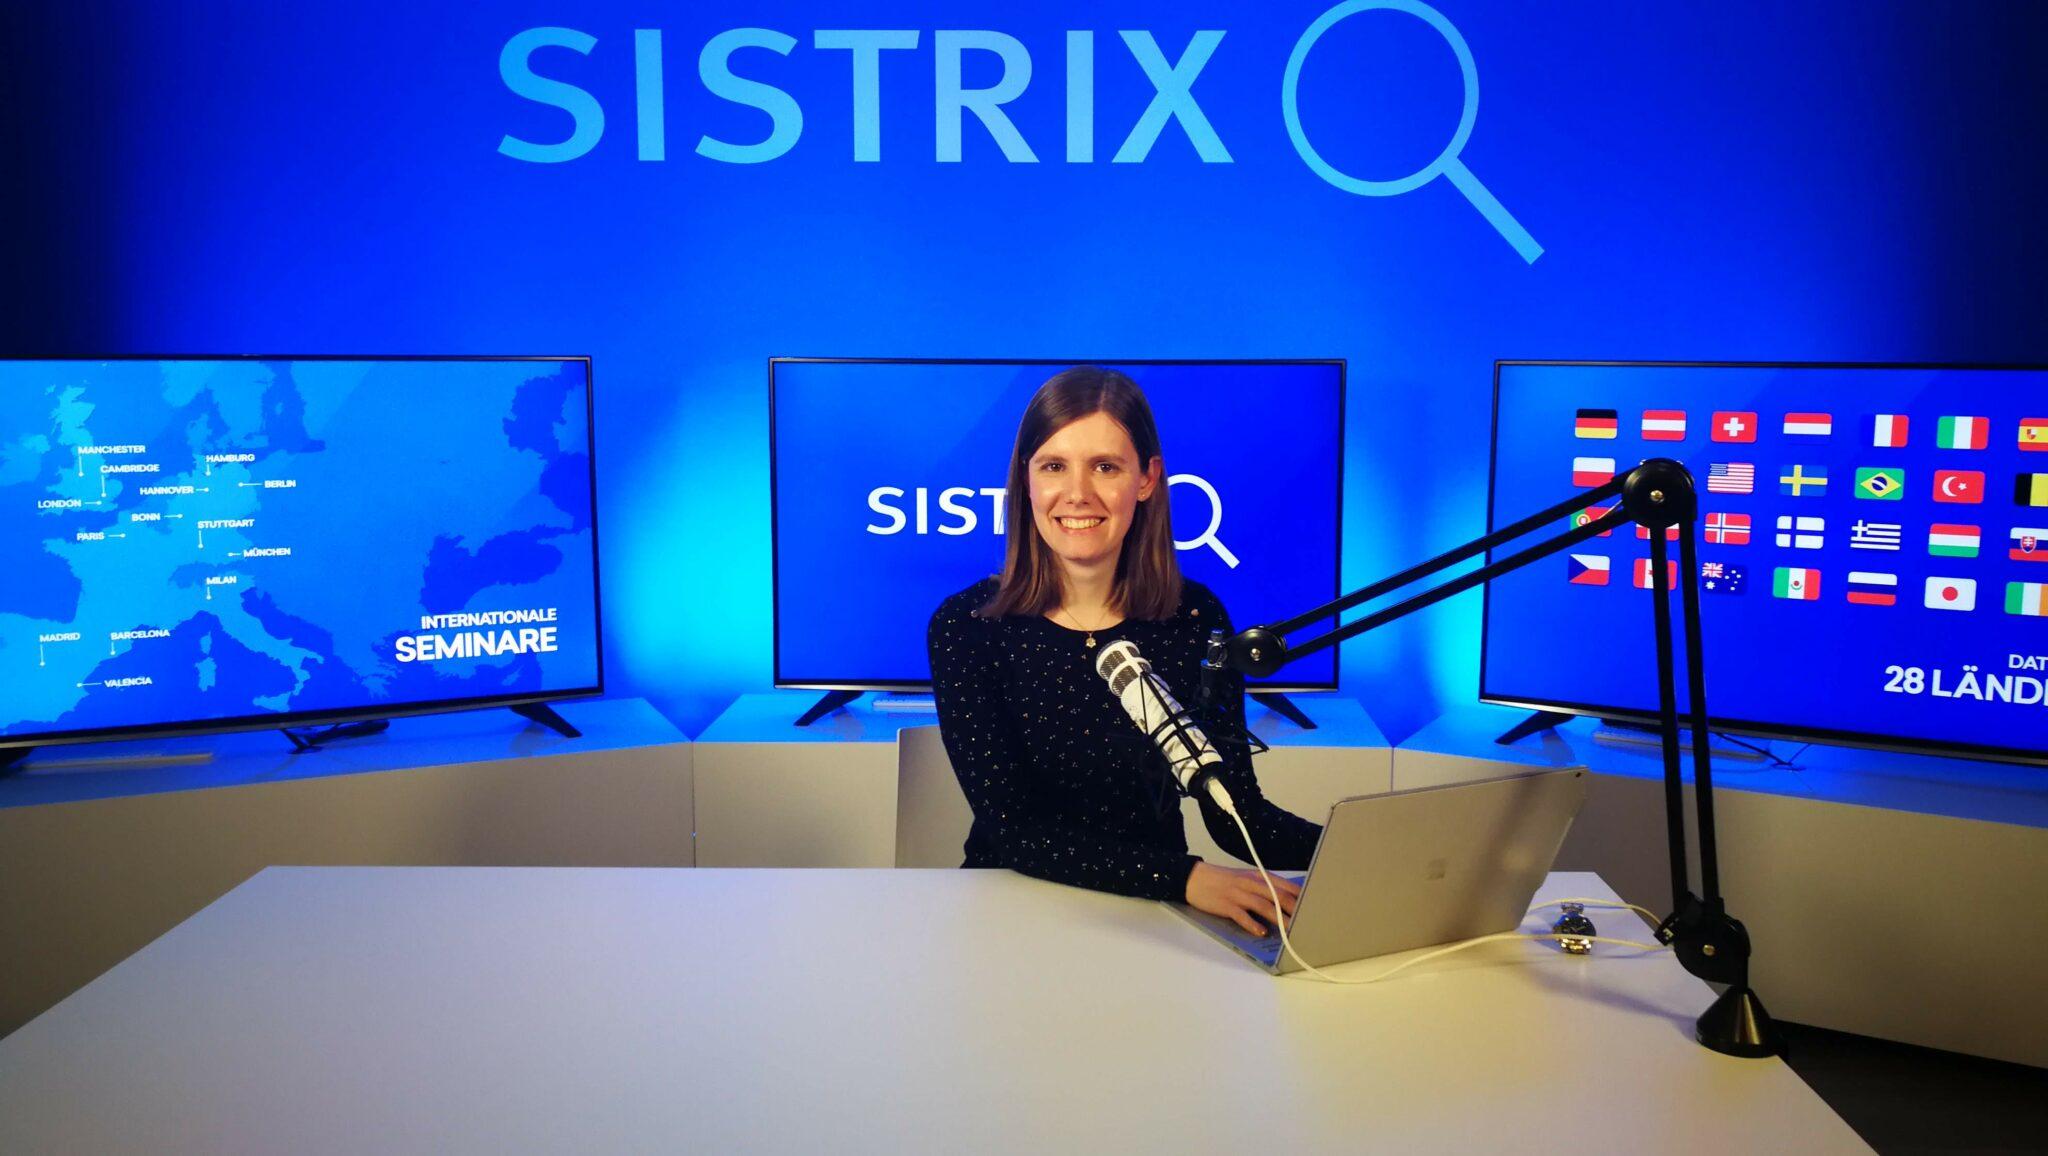 Lo studio di SISTRIX per i webinar online